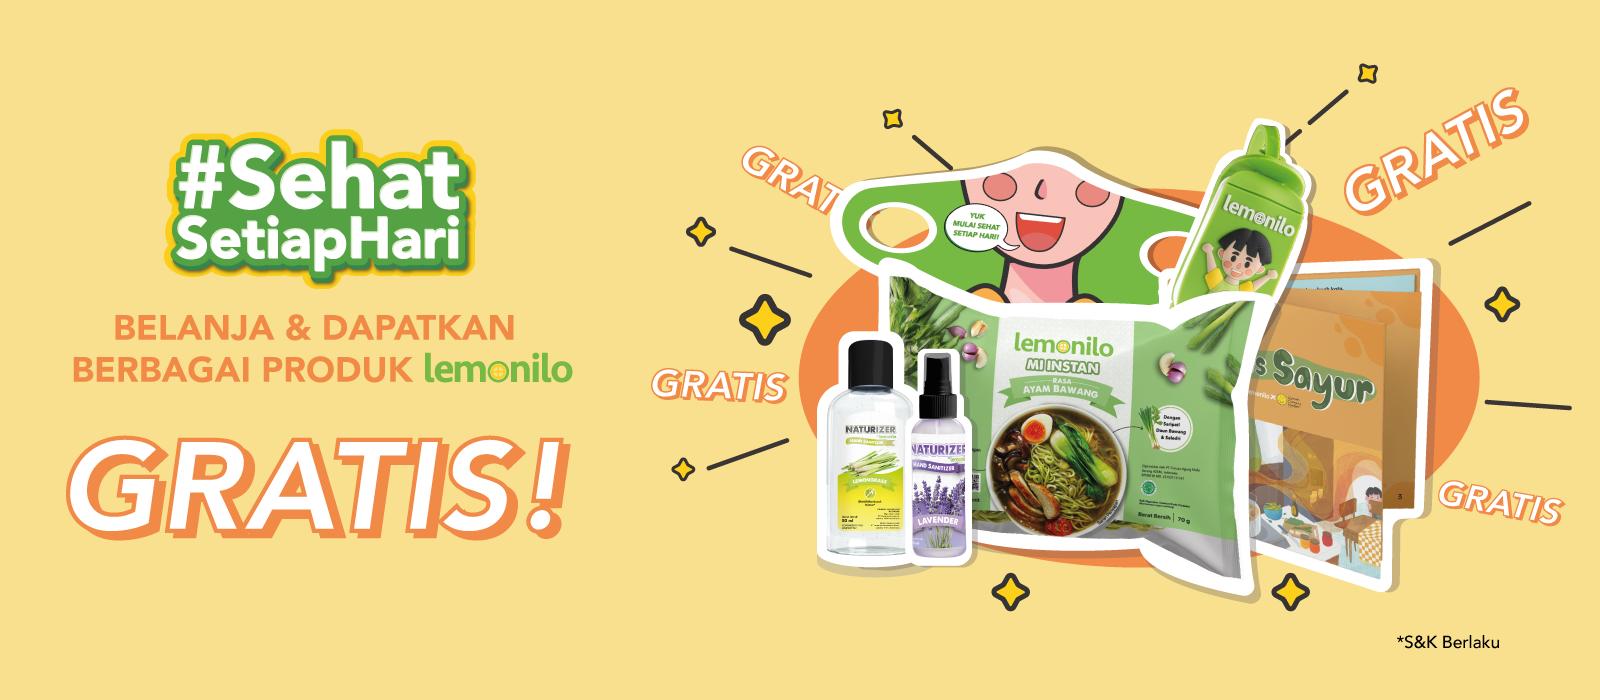 Belanja dan Dapatkan Berbagai Produk Lemonilo GRATIS!